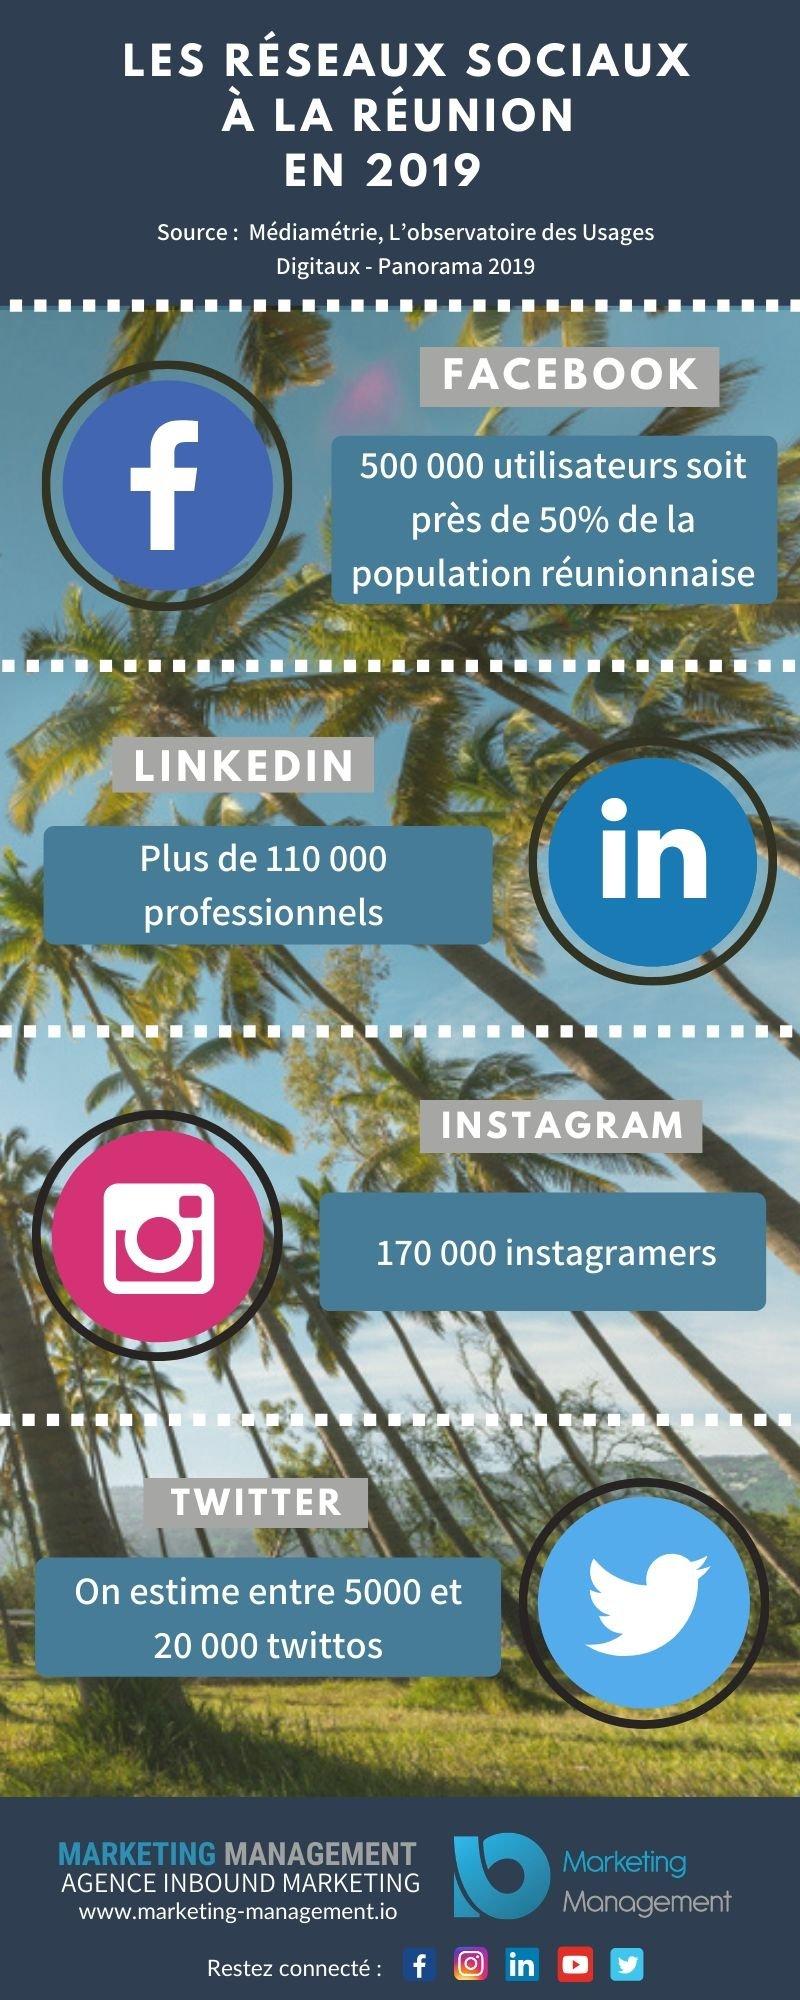 Les réseaux sociaux en chiffres 2019